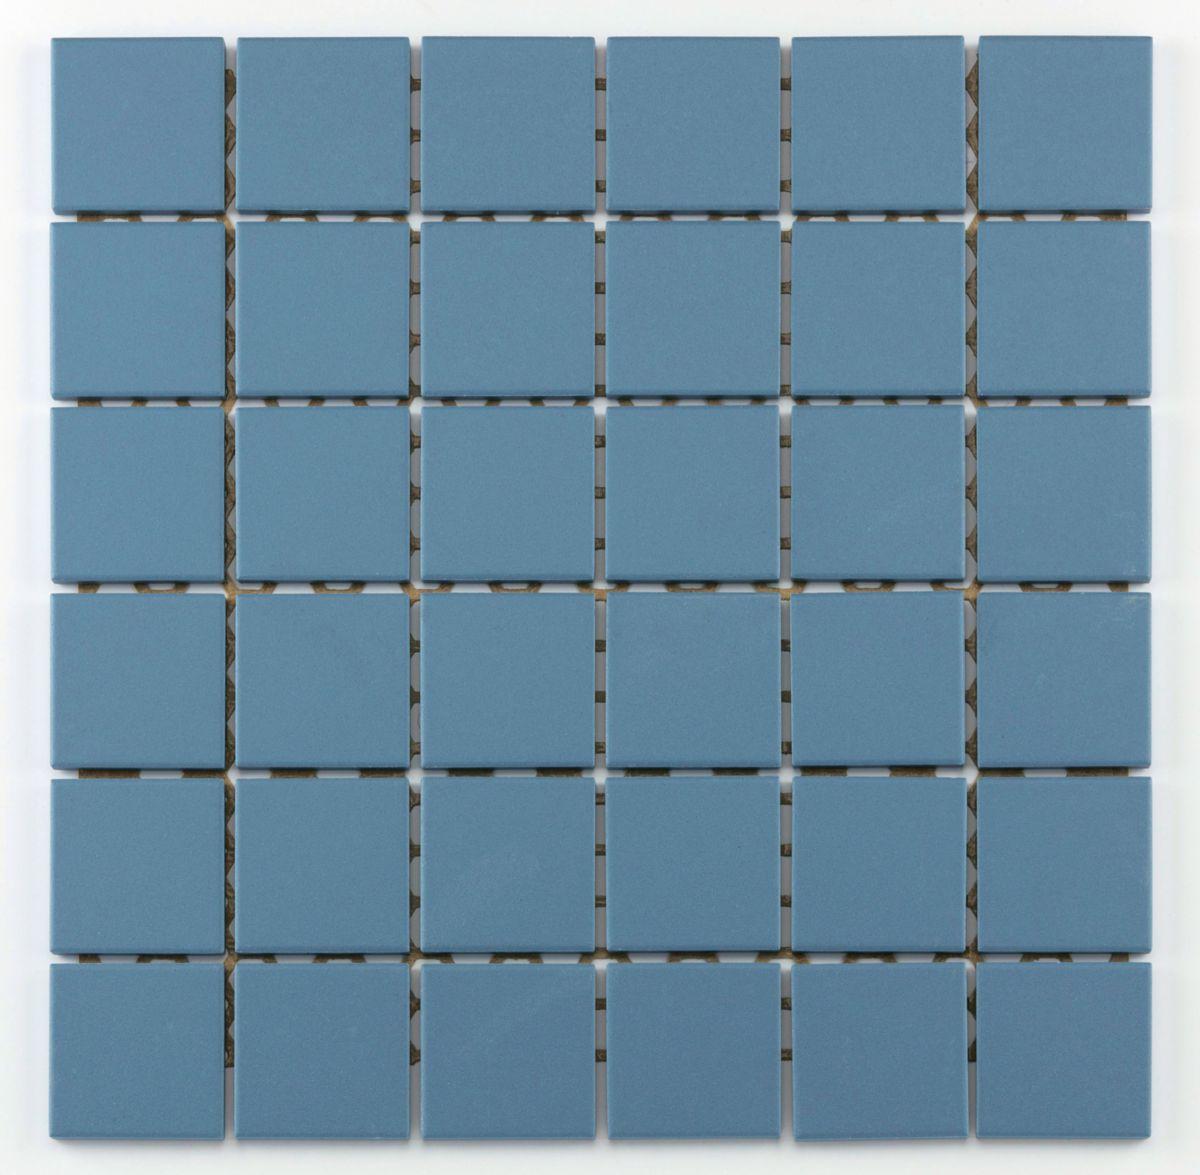 Mosaïque antidérapante céramique Grip blue - 4,7x4,7x0,6 cm - trame 30x30 cm